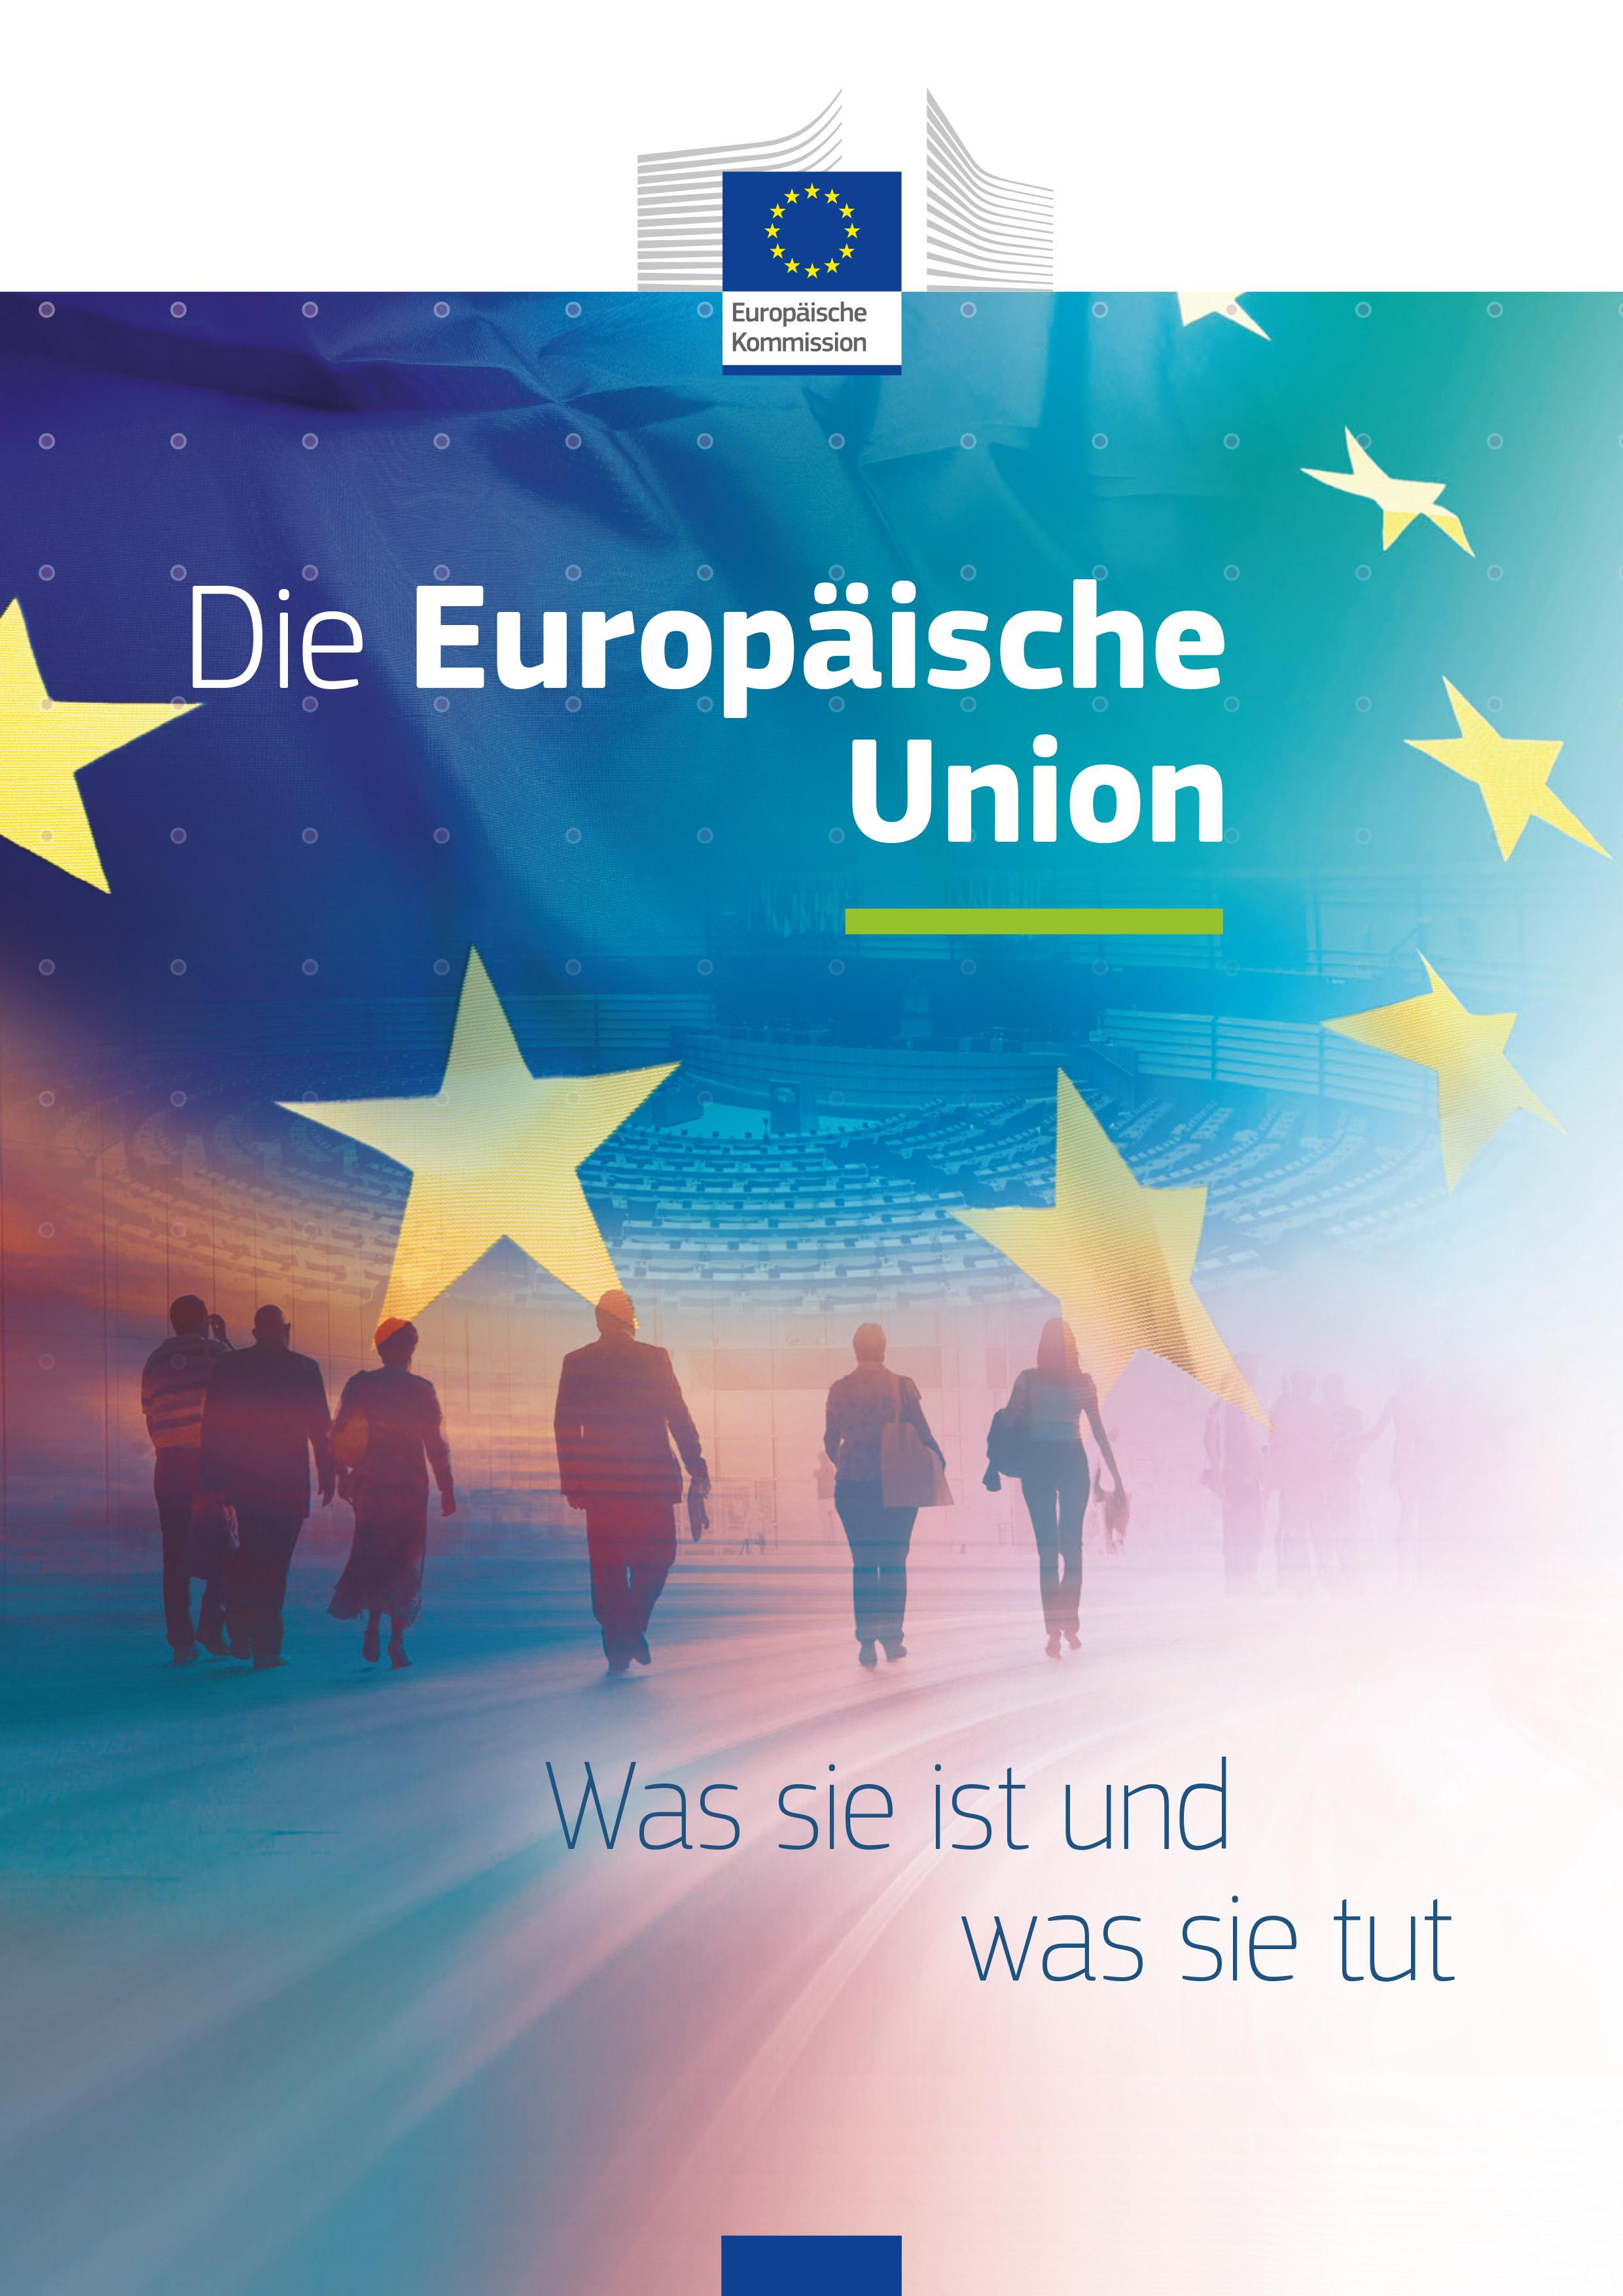 Die EU - Was sie ist und was sie tut